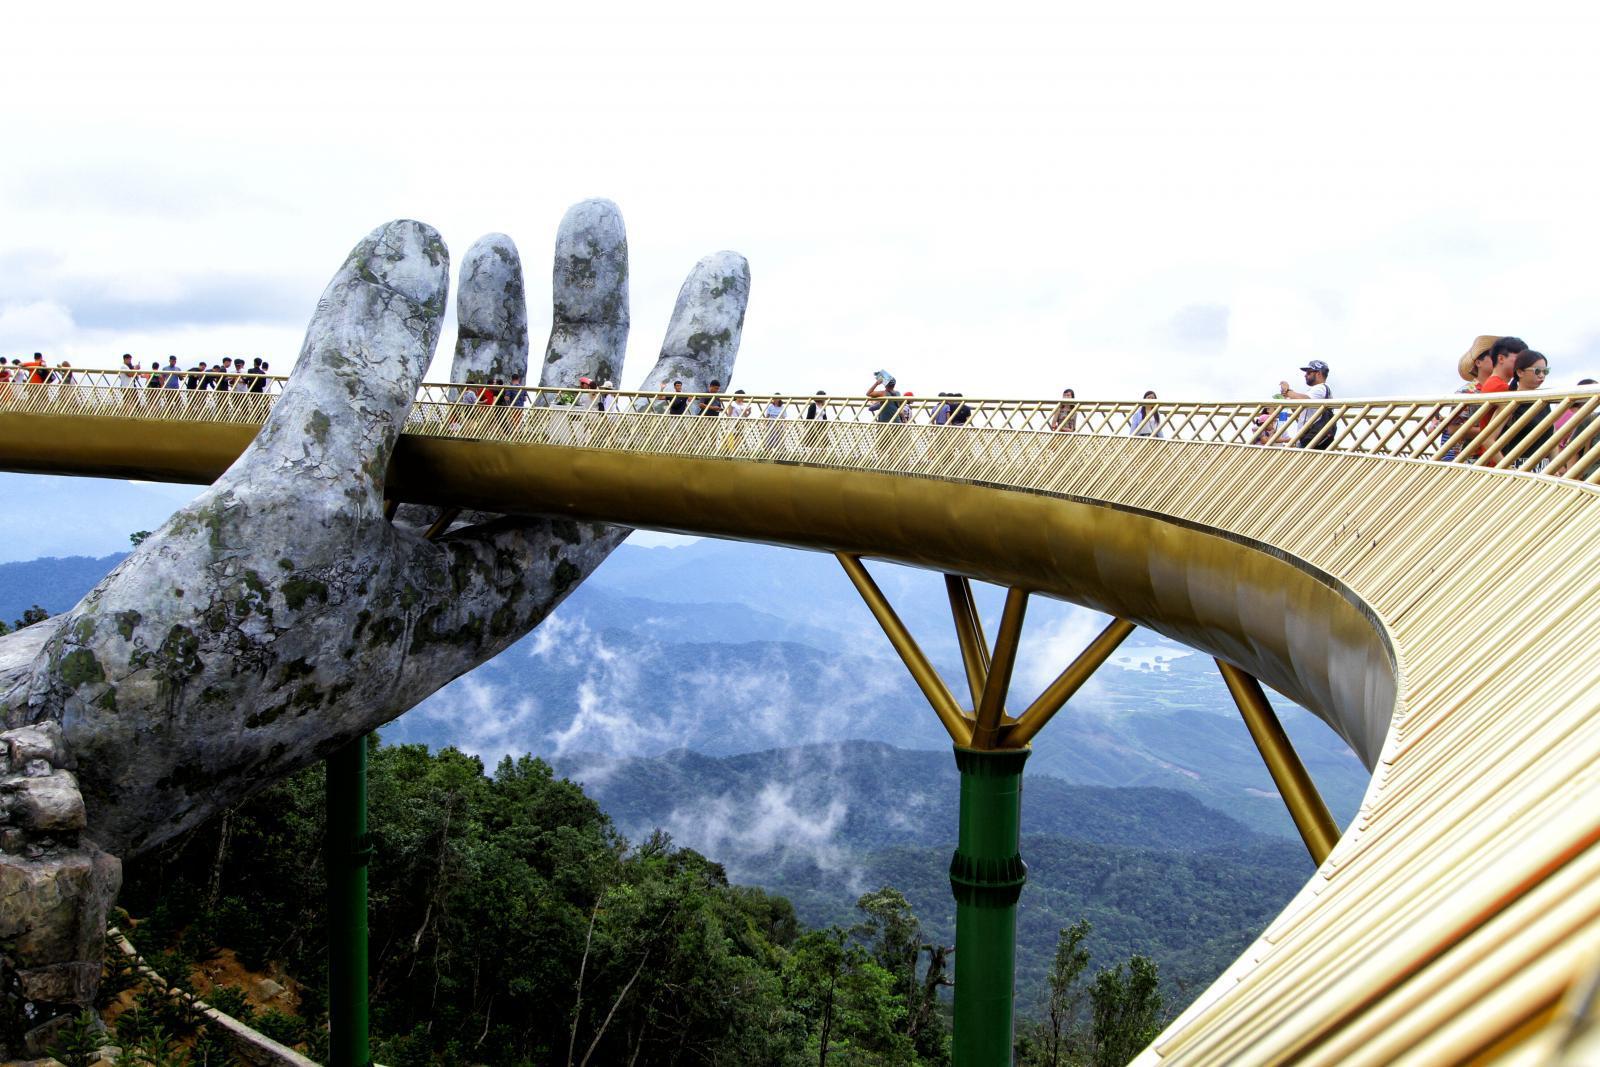 """""""สะพานสีทอง"""" เส้นด้ายของพระเจ้า แลนด์มาร์กแห่งใหม่ของเวียดนาม"""